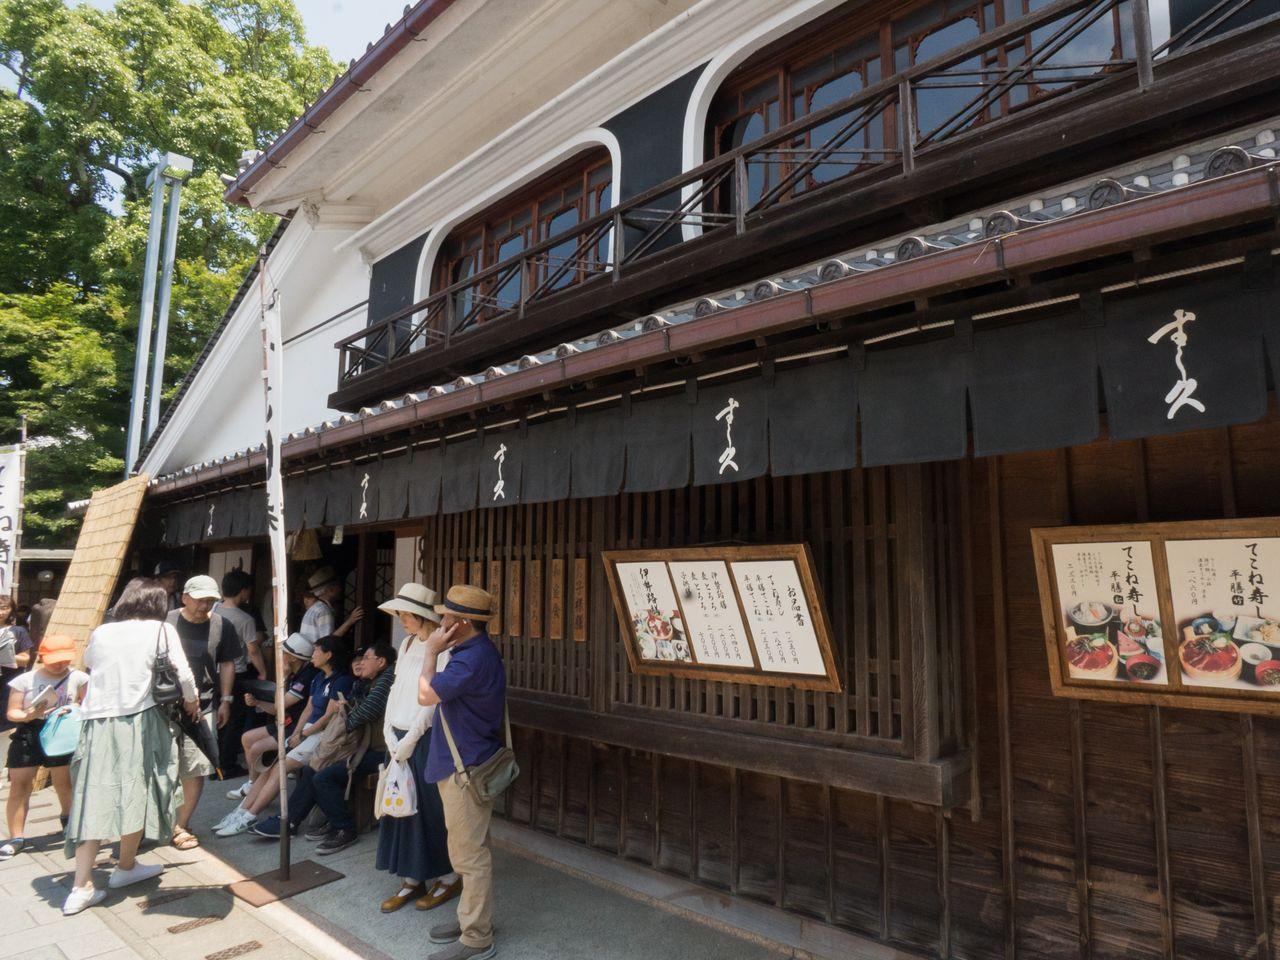 В ресторане «Суси-кю» предлагают ряд местных блюд